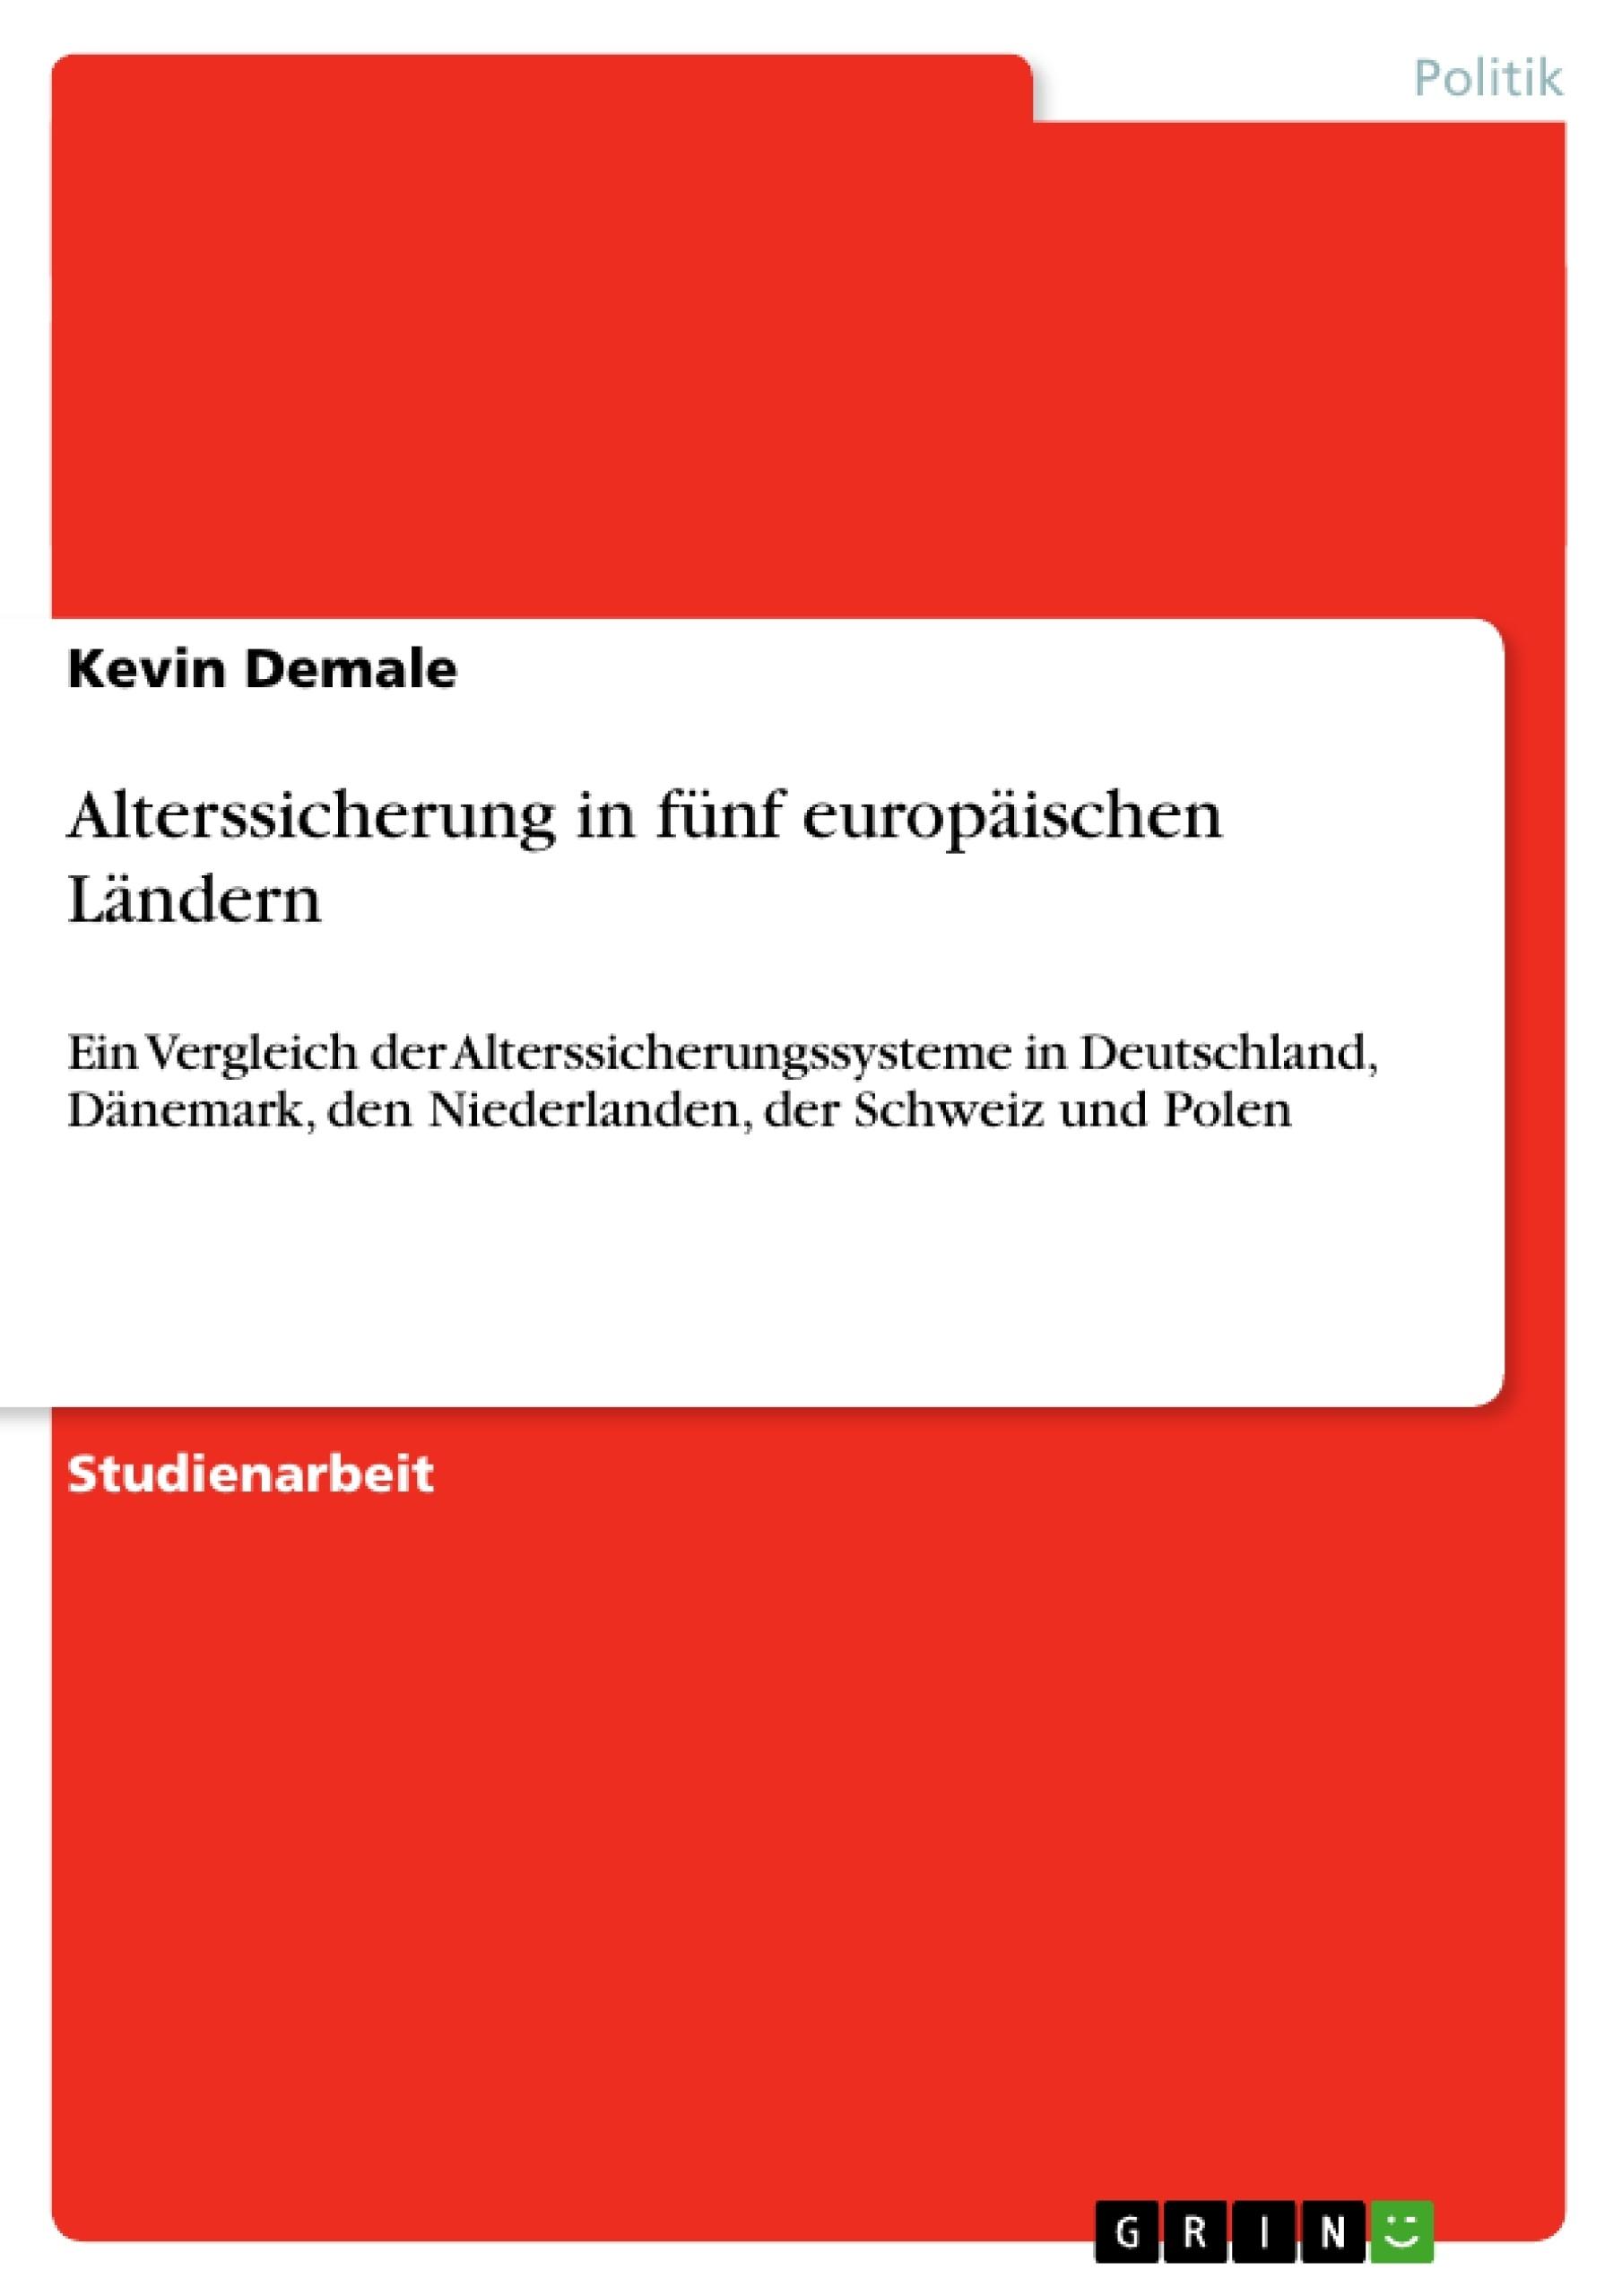 Titel: Alterssicherung in fünf europäischen Ländern